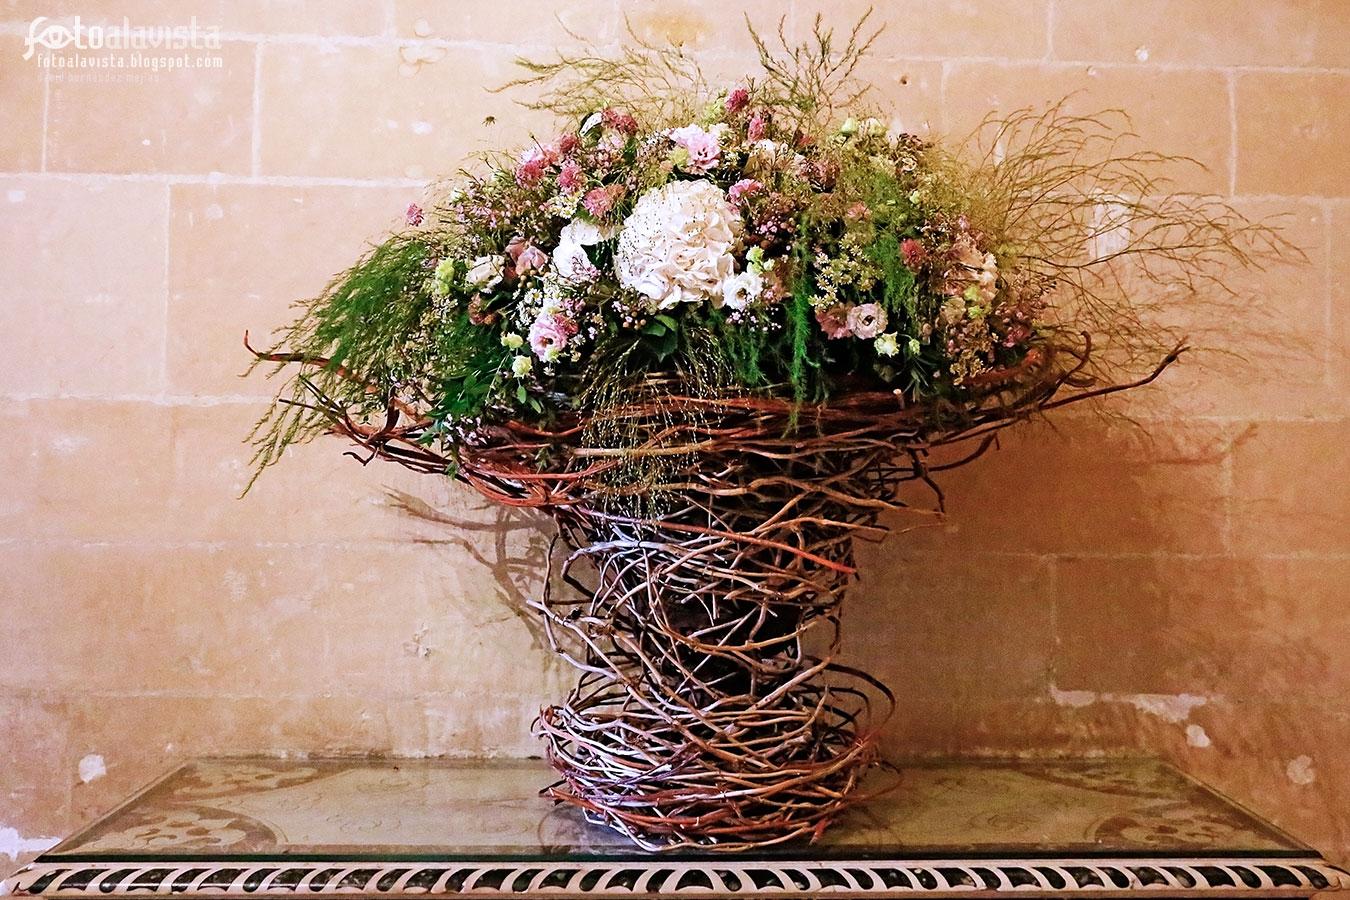 Florero natural de ramas - Fotografía